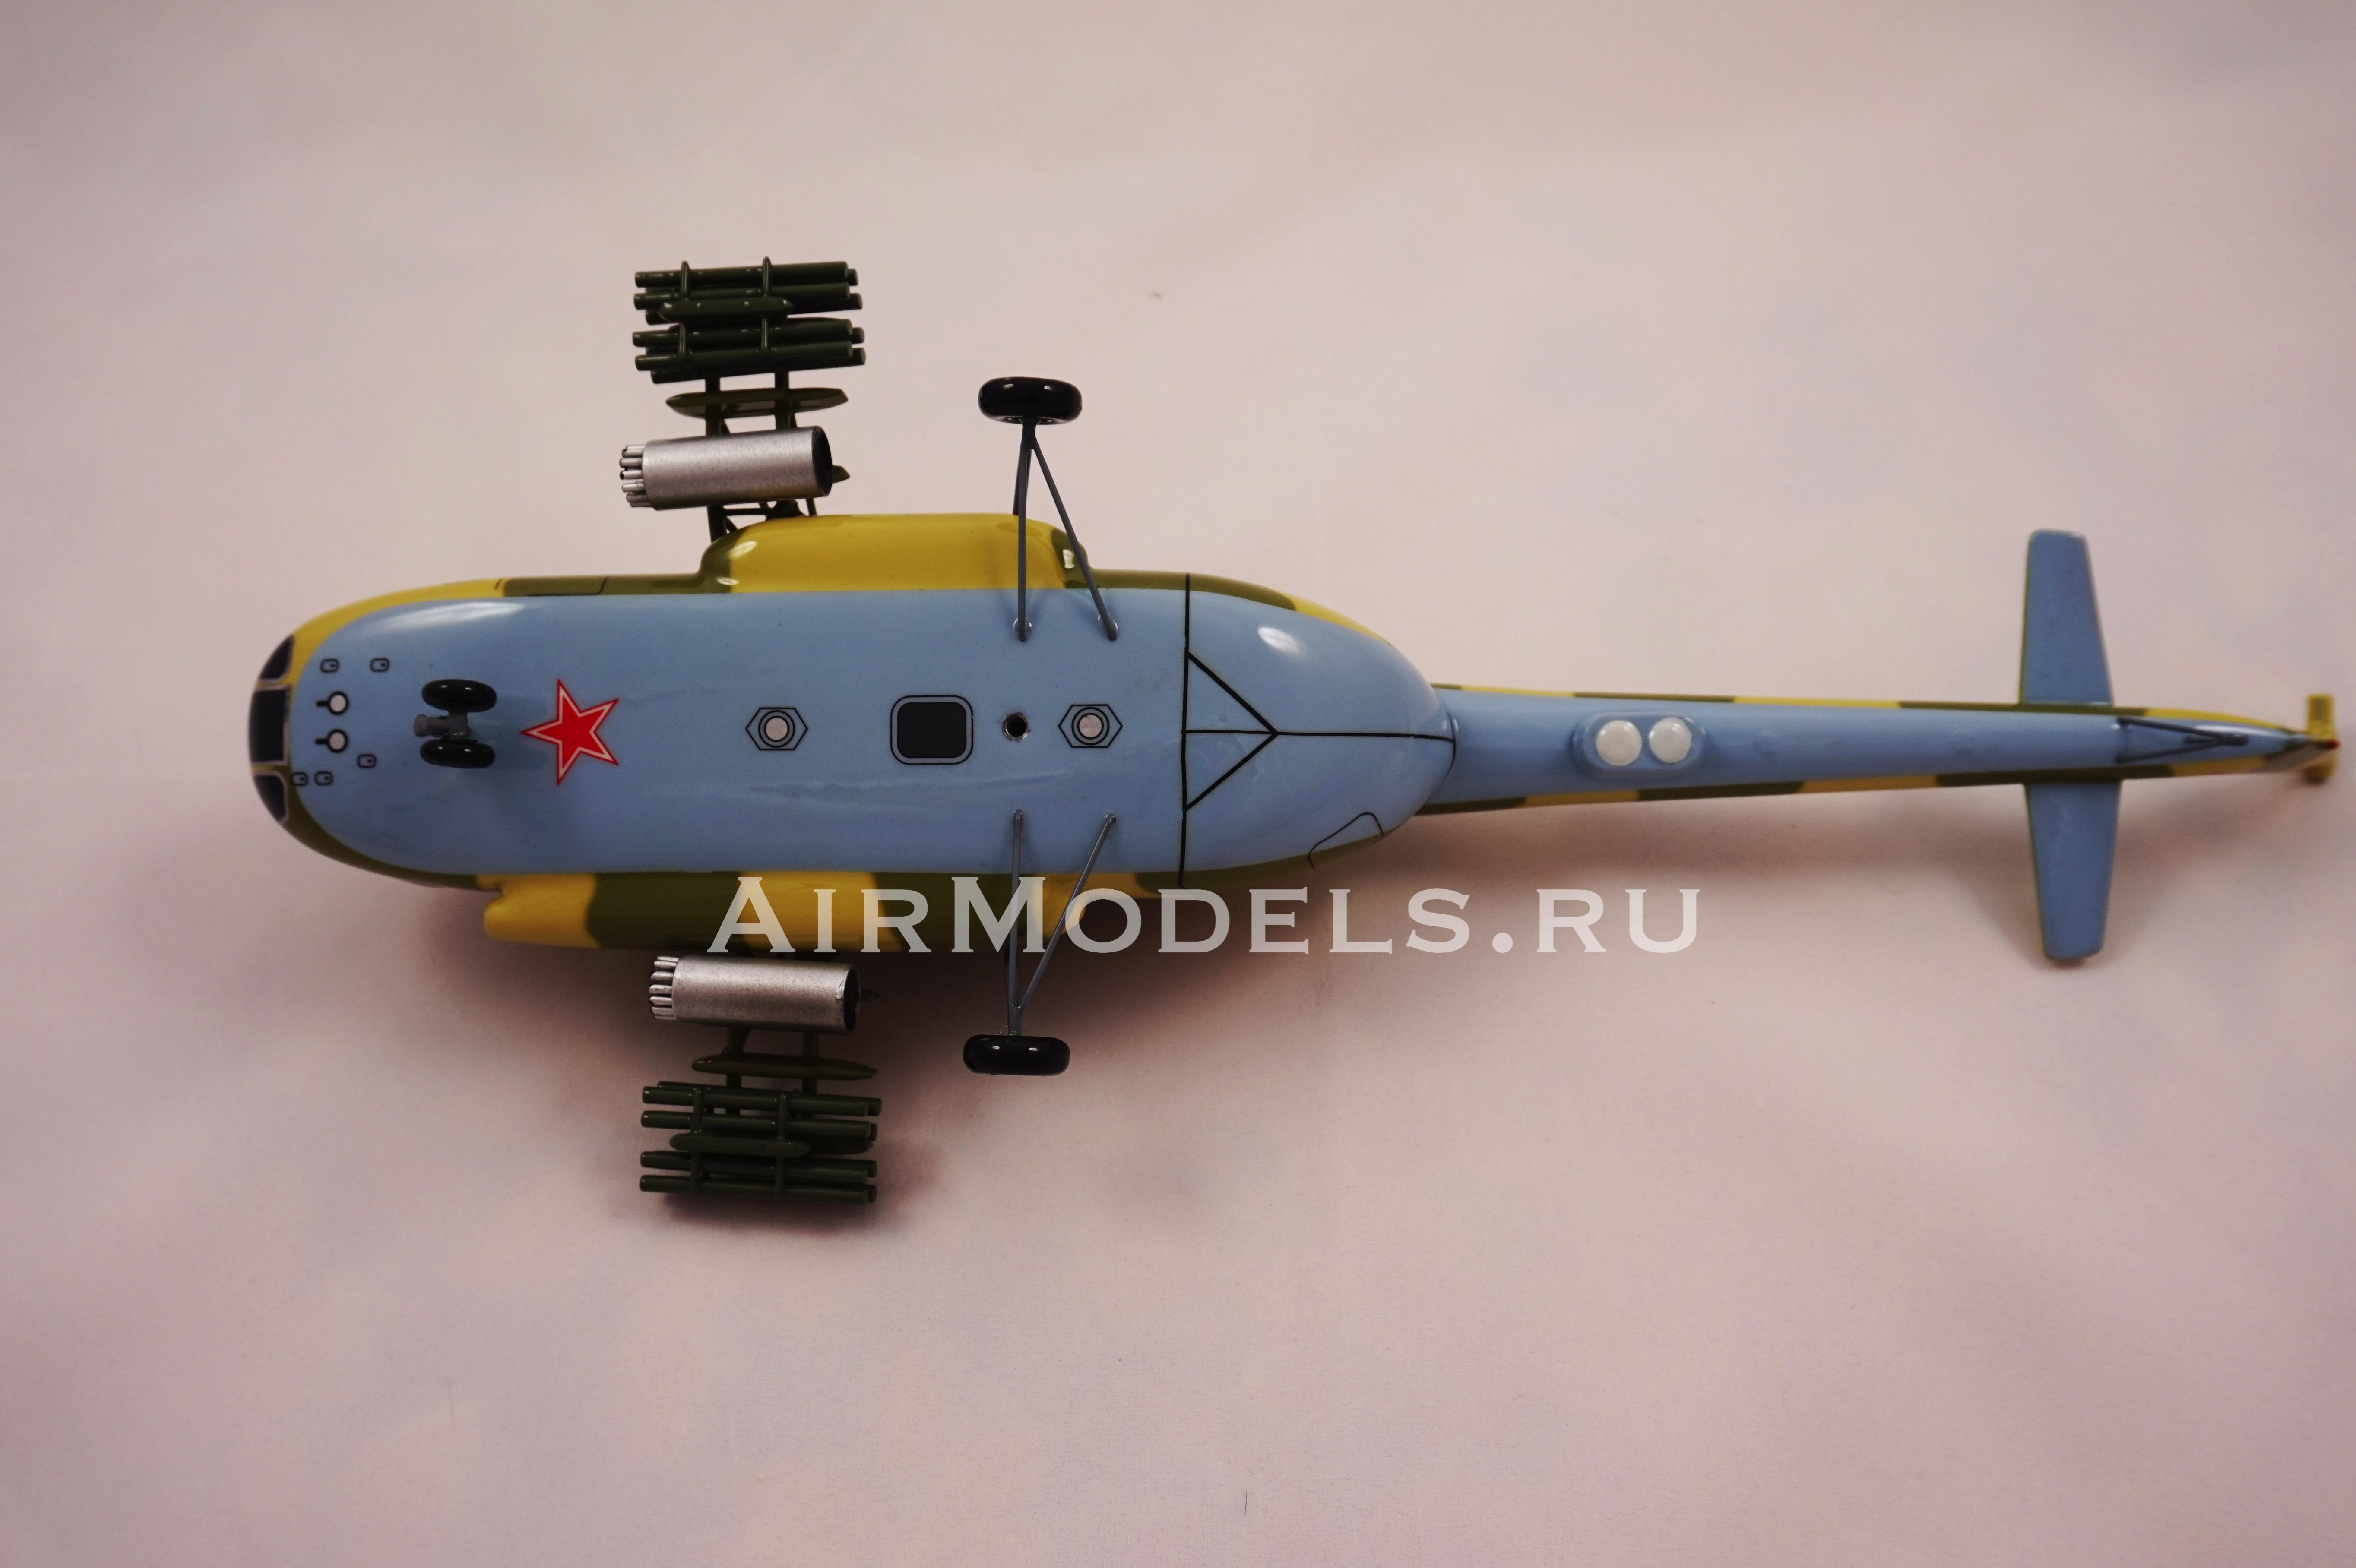 Модель вертолетаМи-8 (Масштаб1:48)